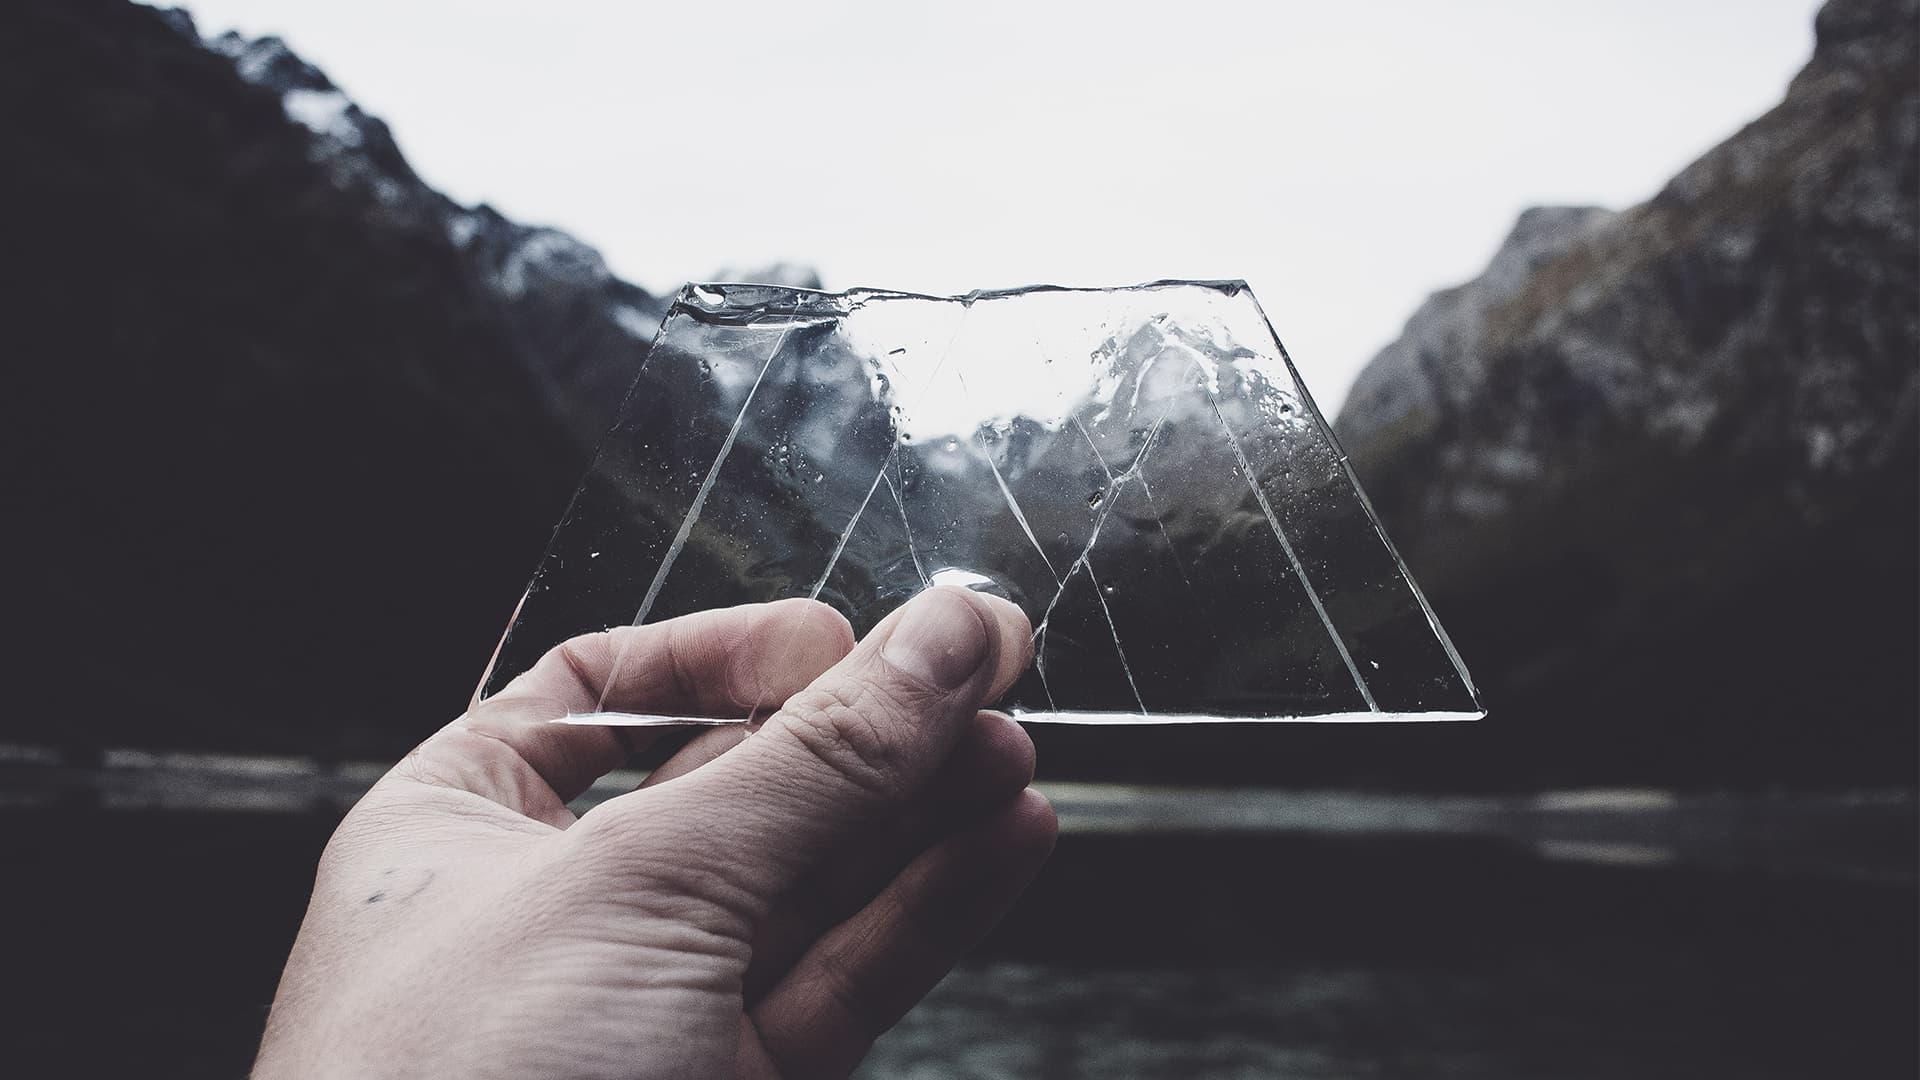 Read more about the article מדריך וידאו: חיתוך תמונות במצגת באופן יצירתי באמצעות הצלבה עם אובייקטים